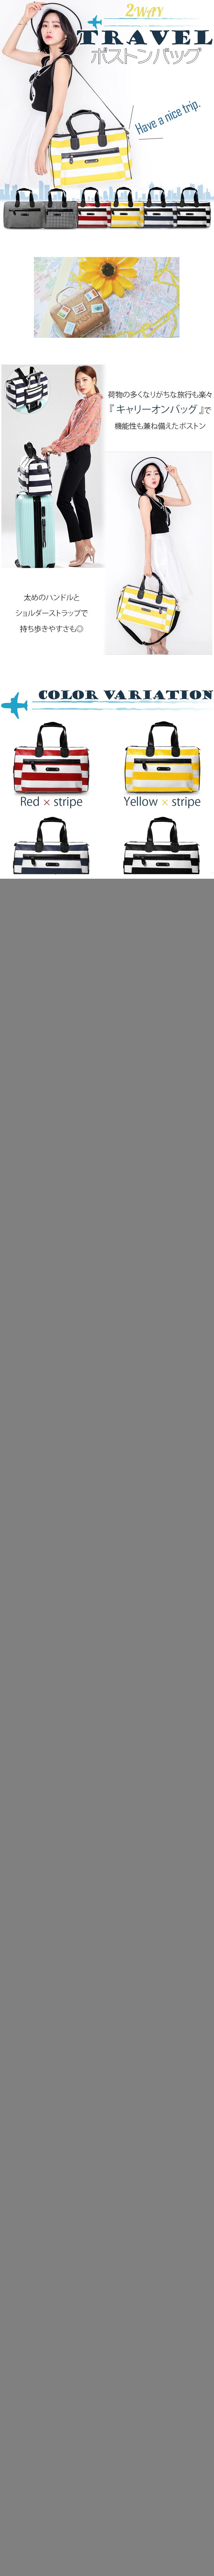 トラベル ボストンバッグ ショルダーバッグ キャリーオンバッグ レディース メンズ 旅行バッグ 旅行 修学旅行 出張 2way トートバッグ ストライプ 千鳥格子 シェブロン ショルダーバッグ 斜めがけ 肩掛け オシャレ お洒落 バッグ バック